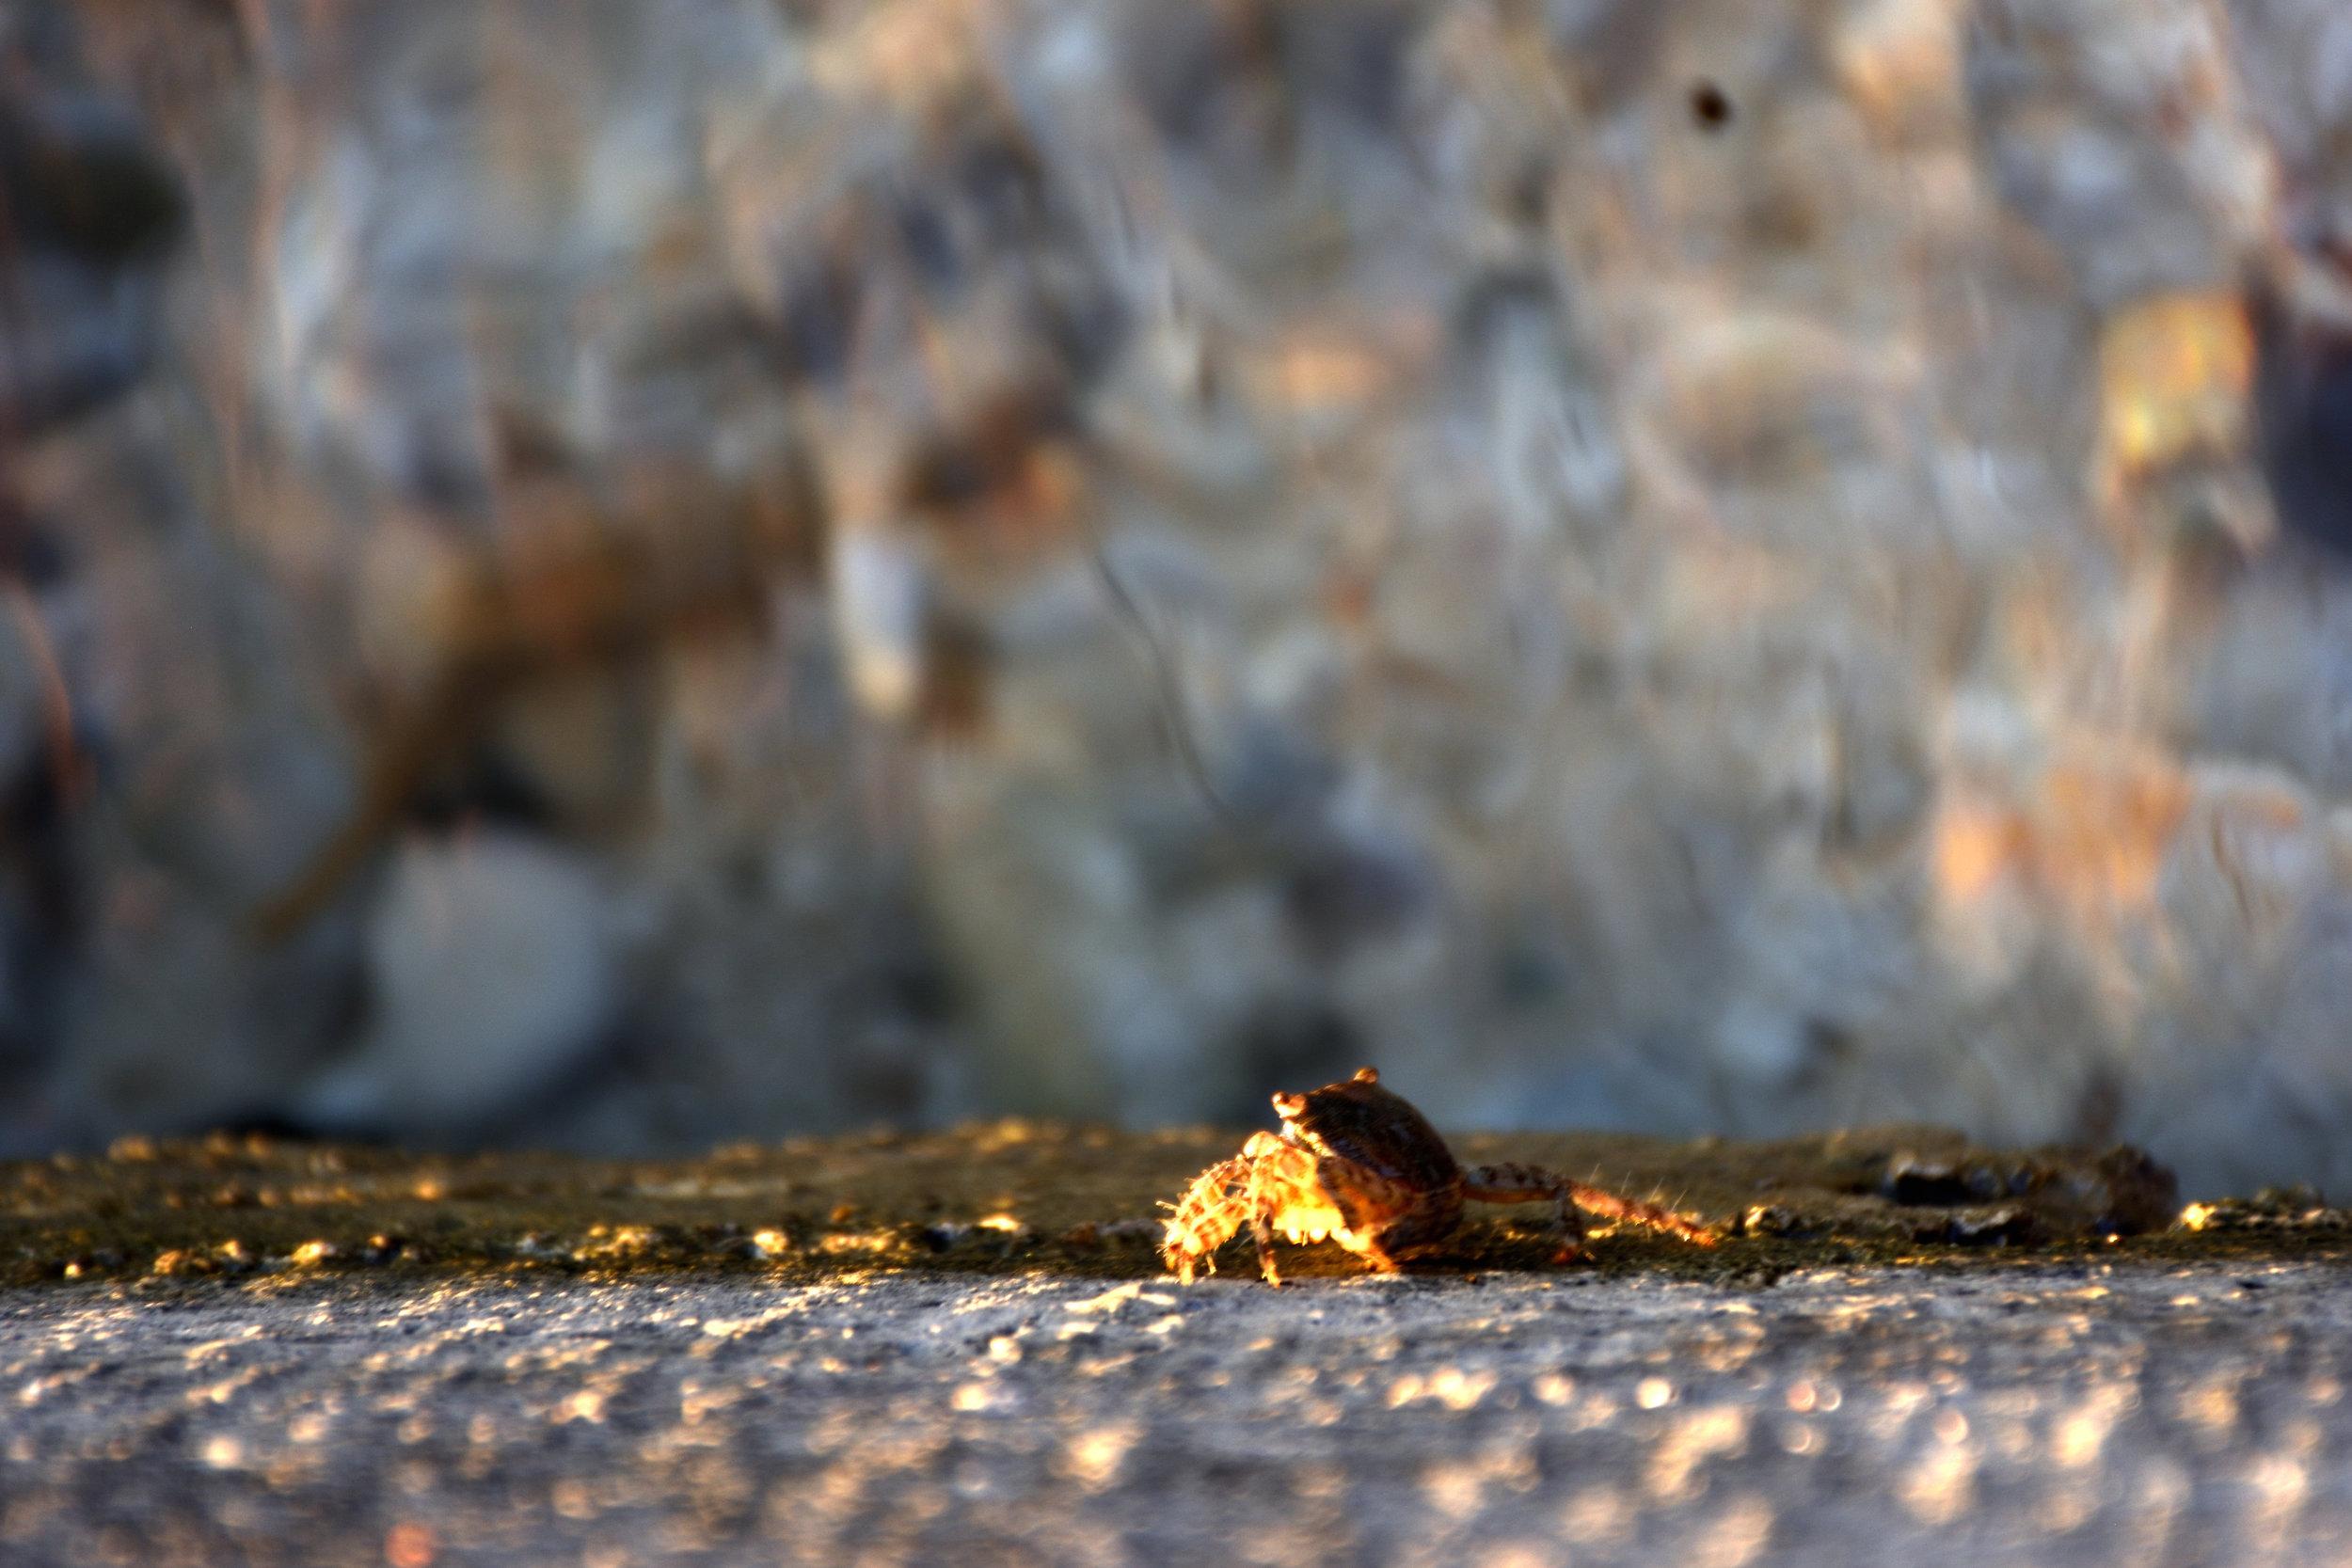 A crab.